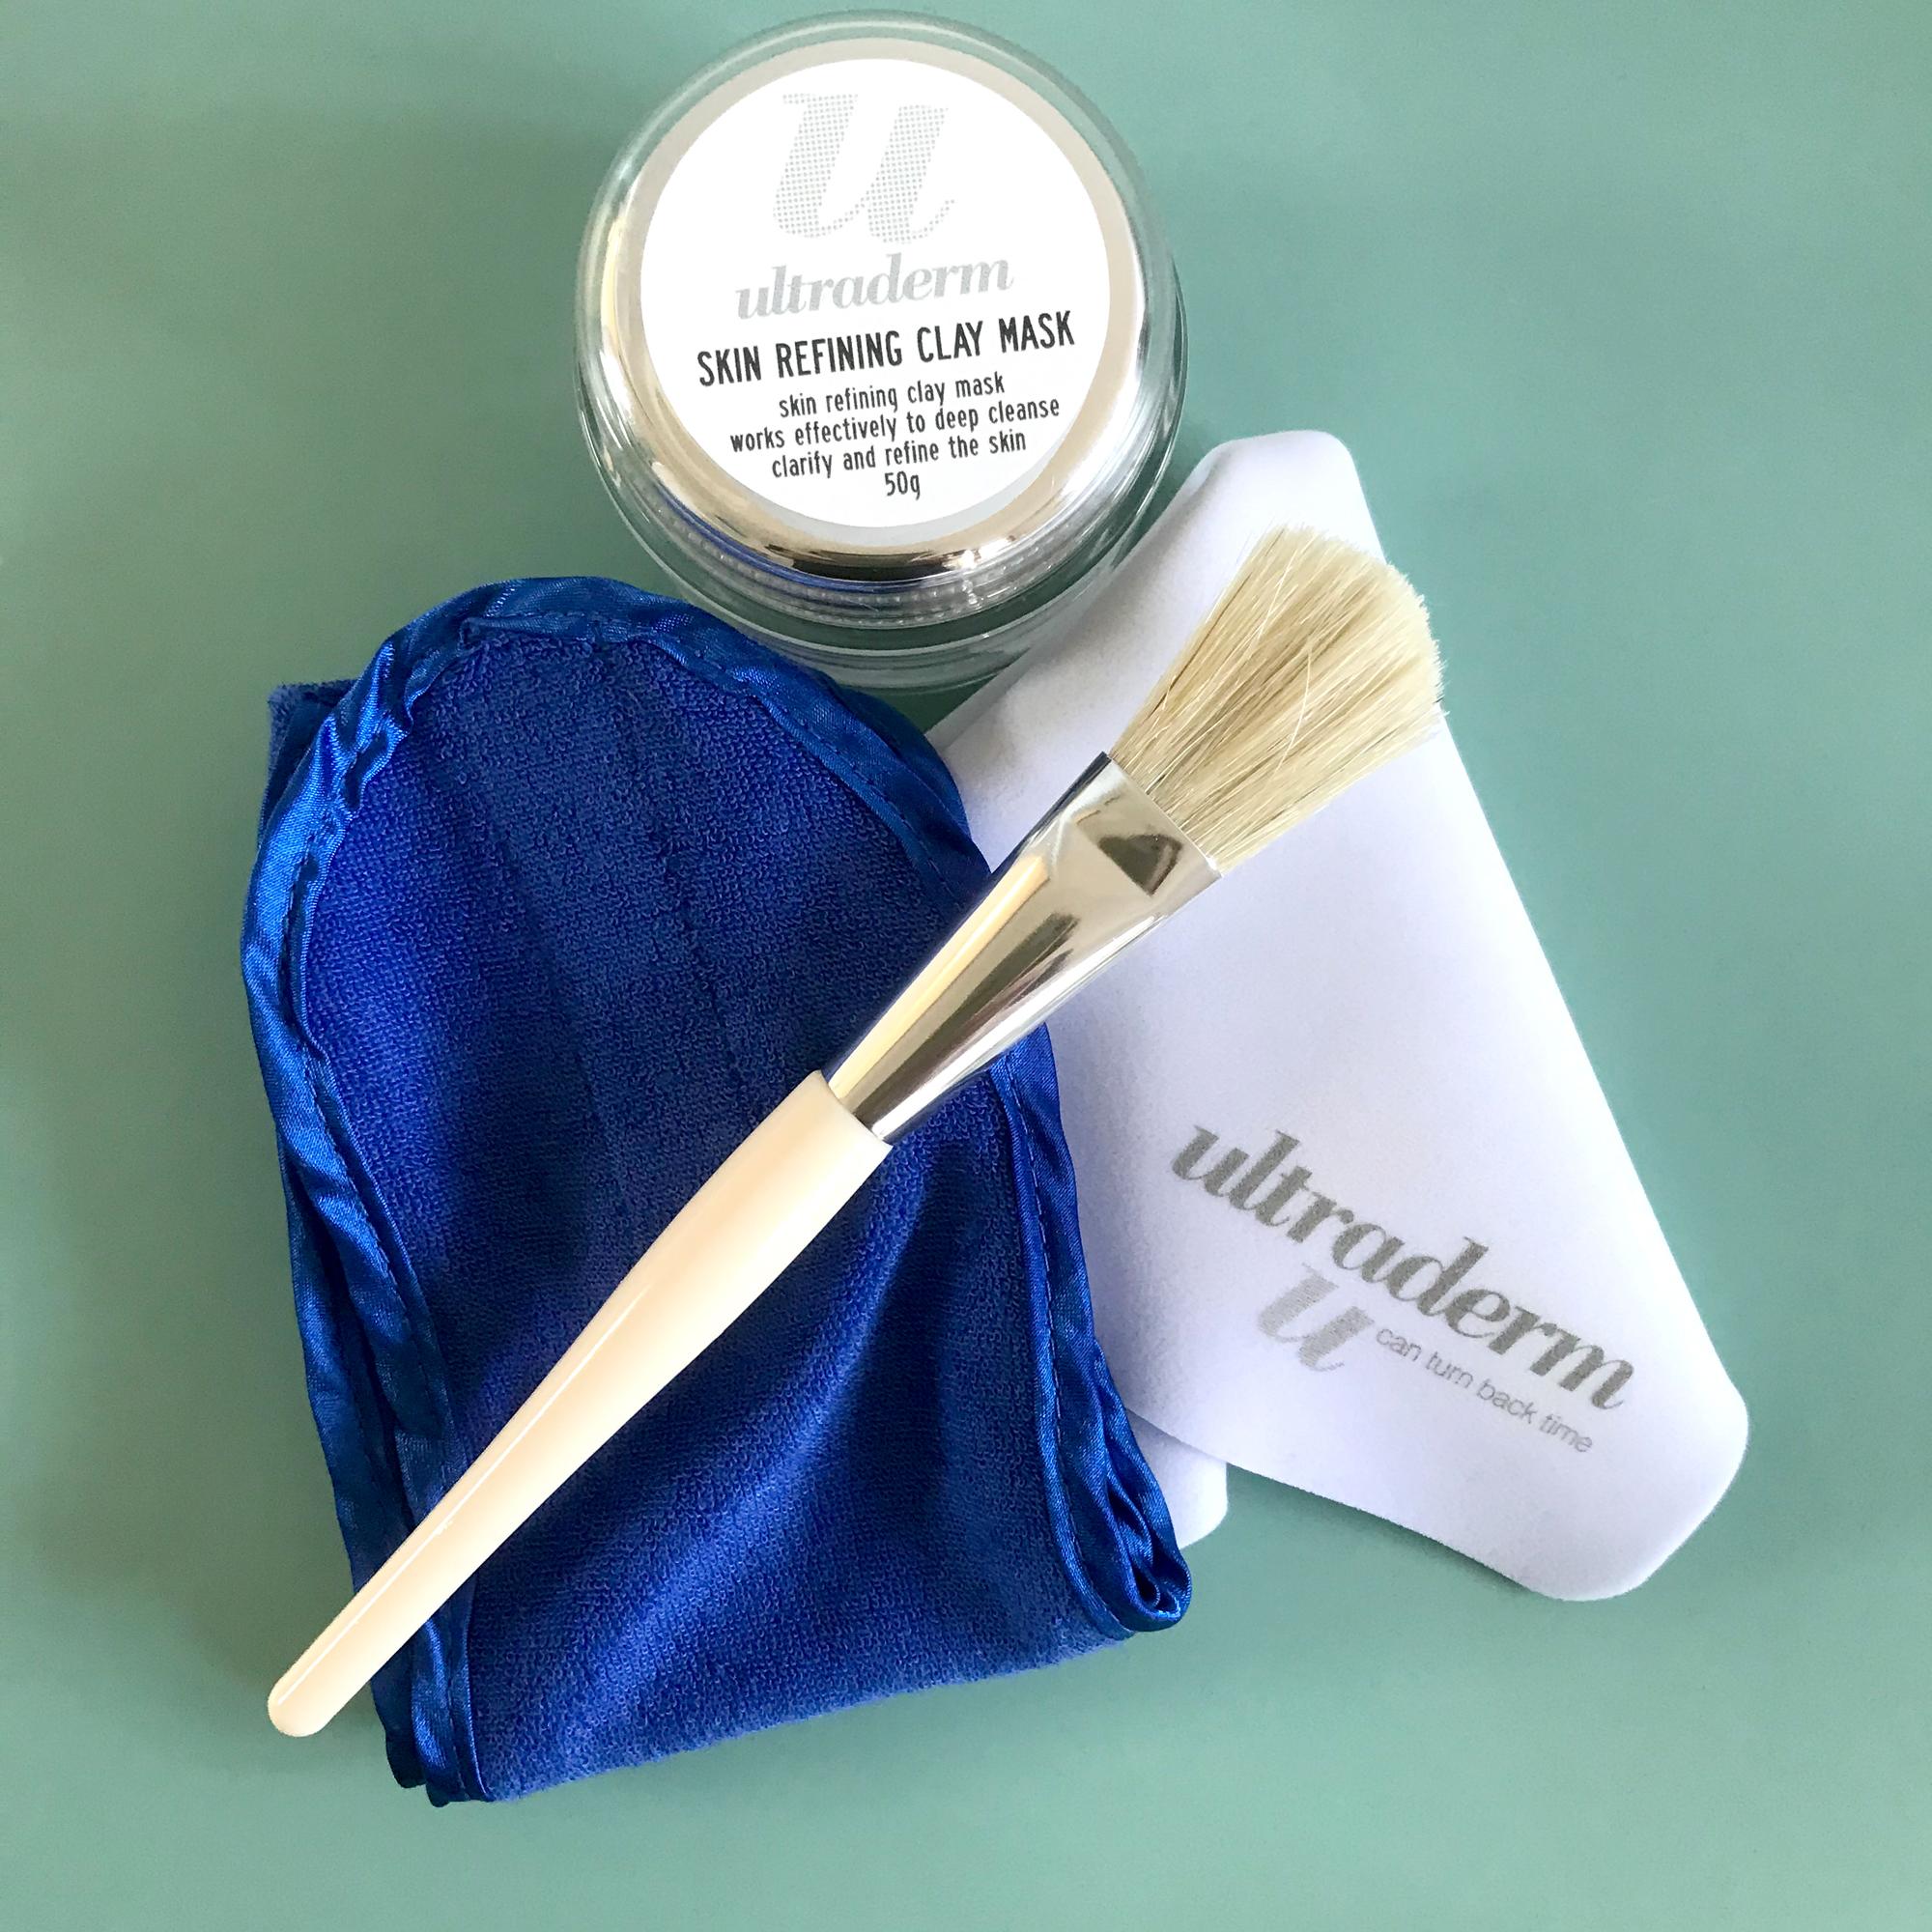 Skin Refining Mask Kit